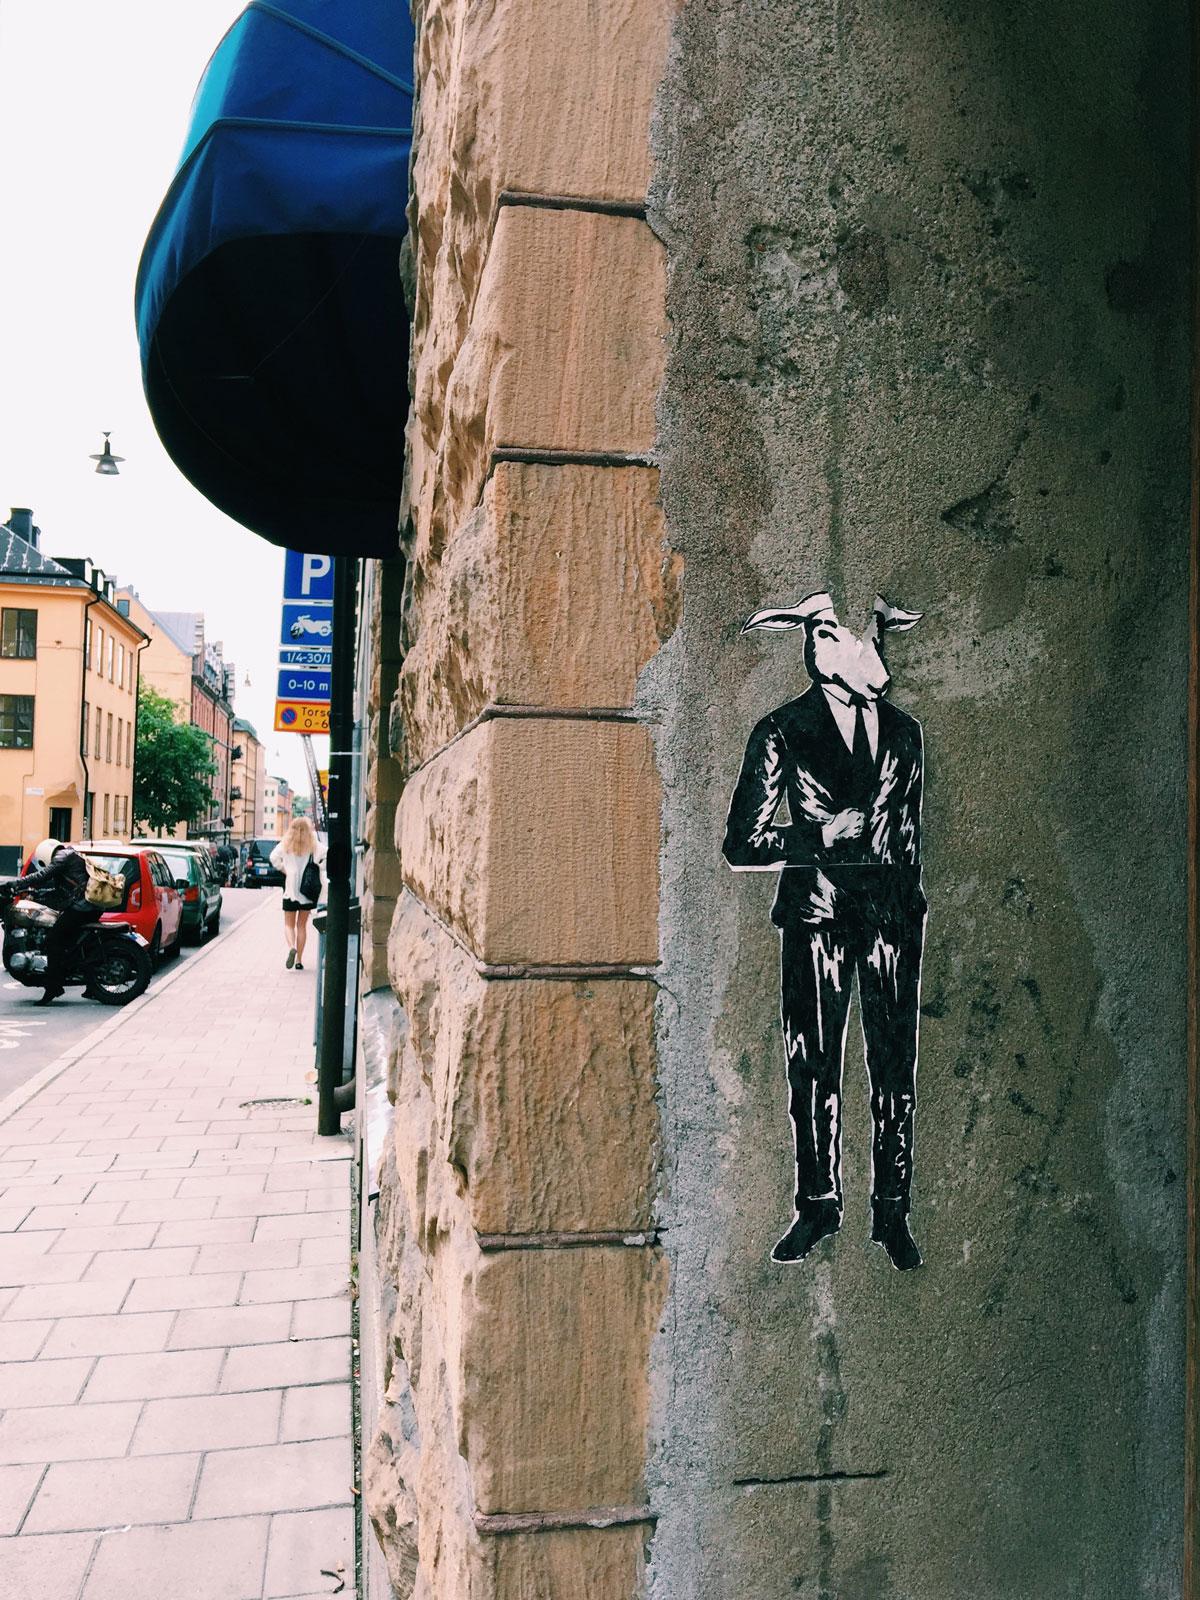 soder-sticker-street